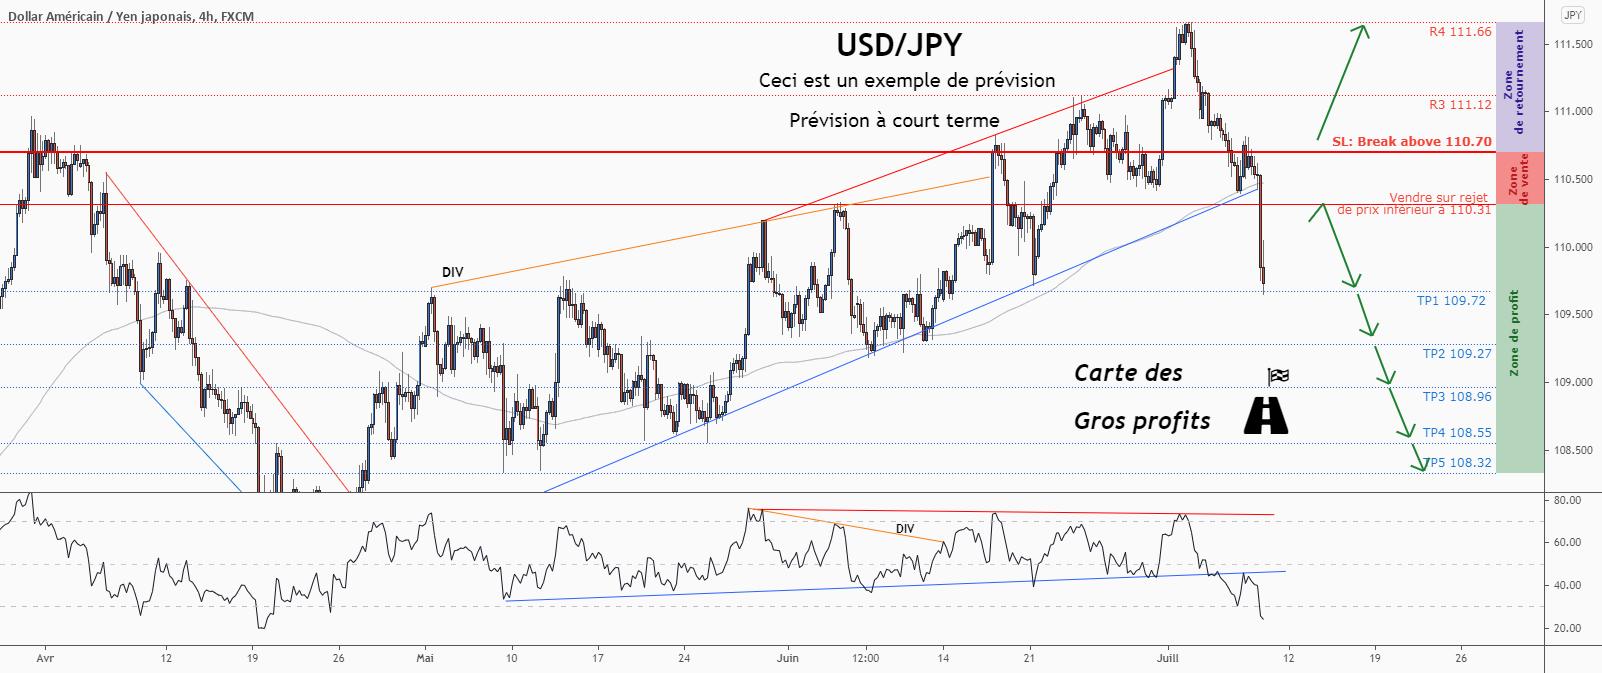 💡Ne manquez pas la grande opportunité de vente dans USDJPY pour FX:USDJPY par ForecastCity_Francais